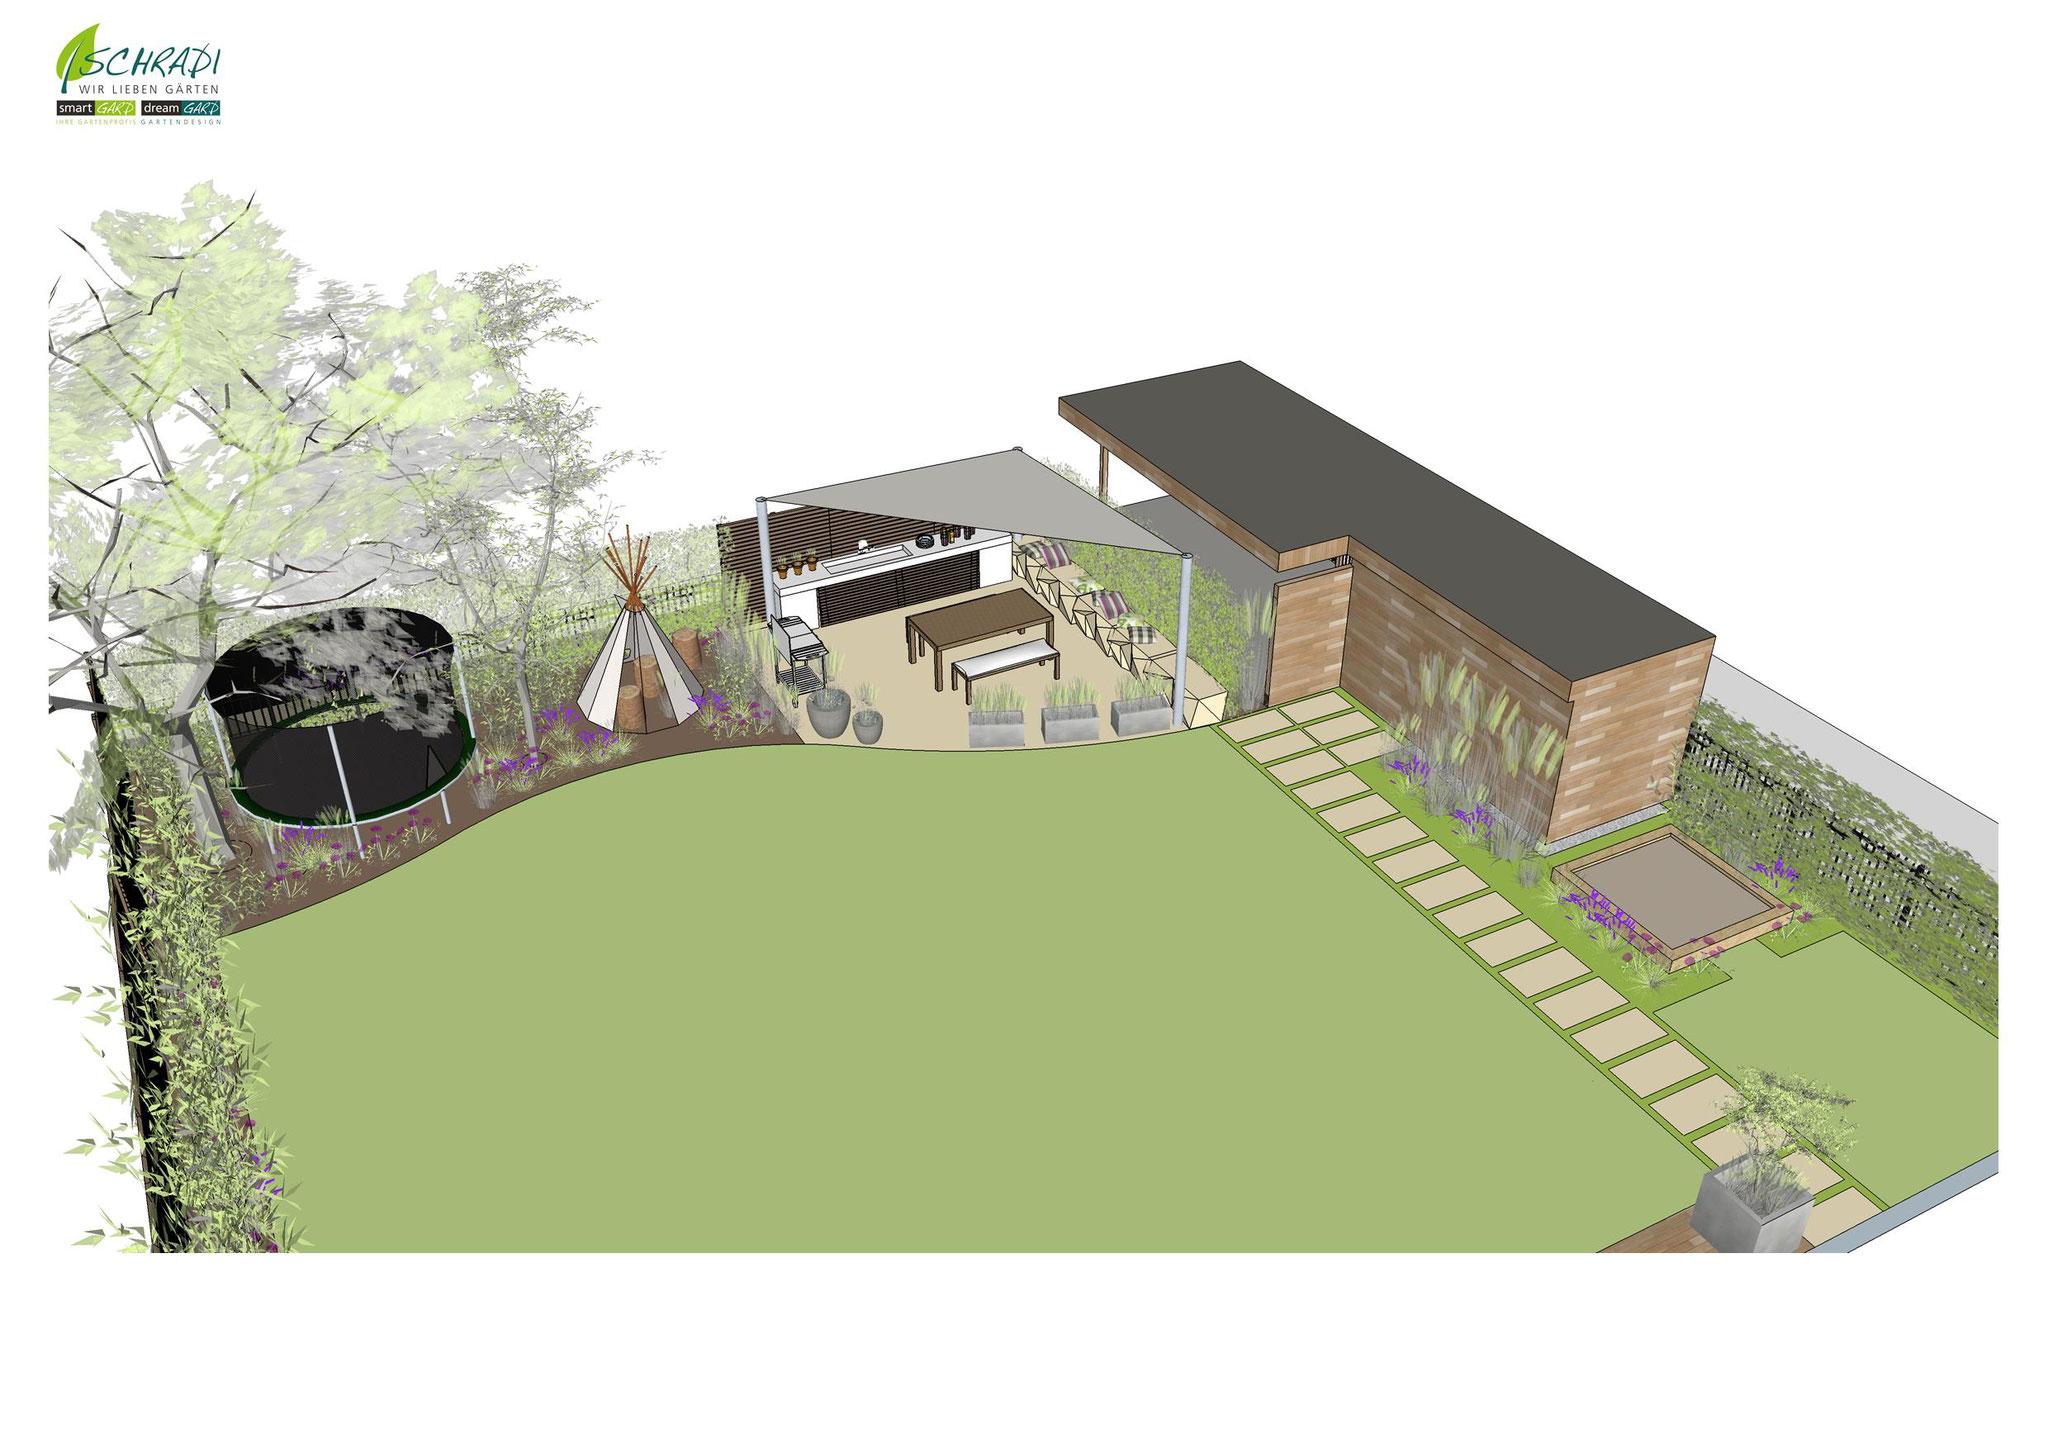 Gartengestaltung modern in3D visualisiert